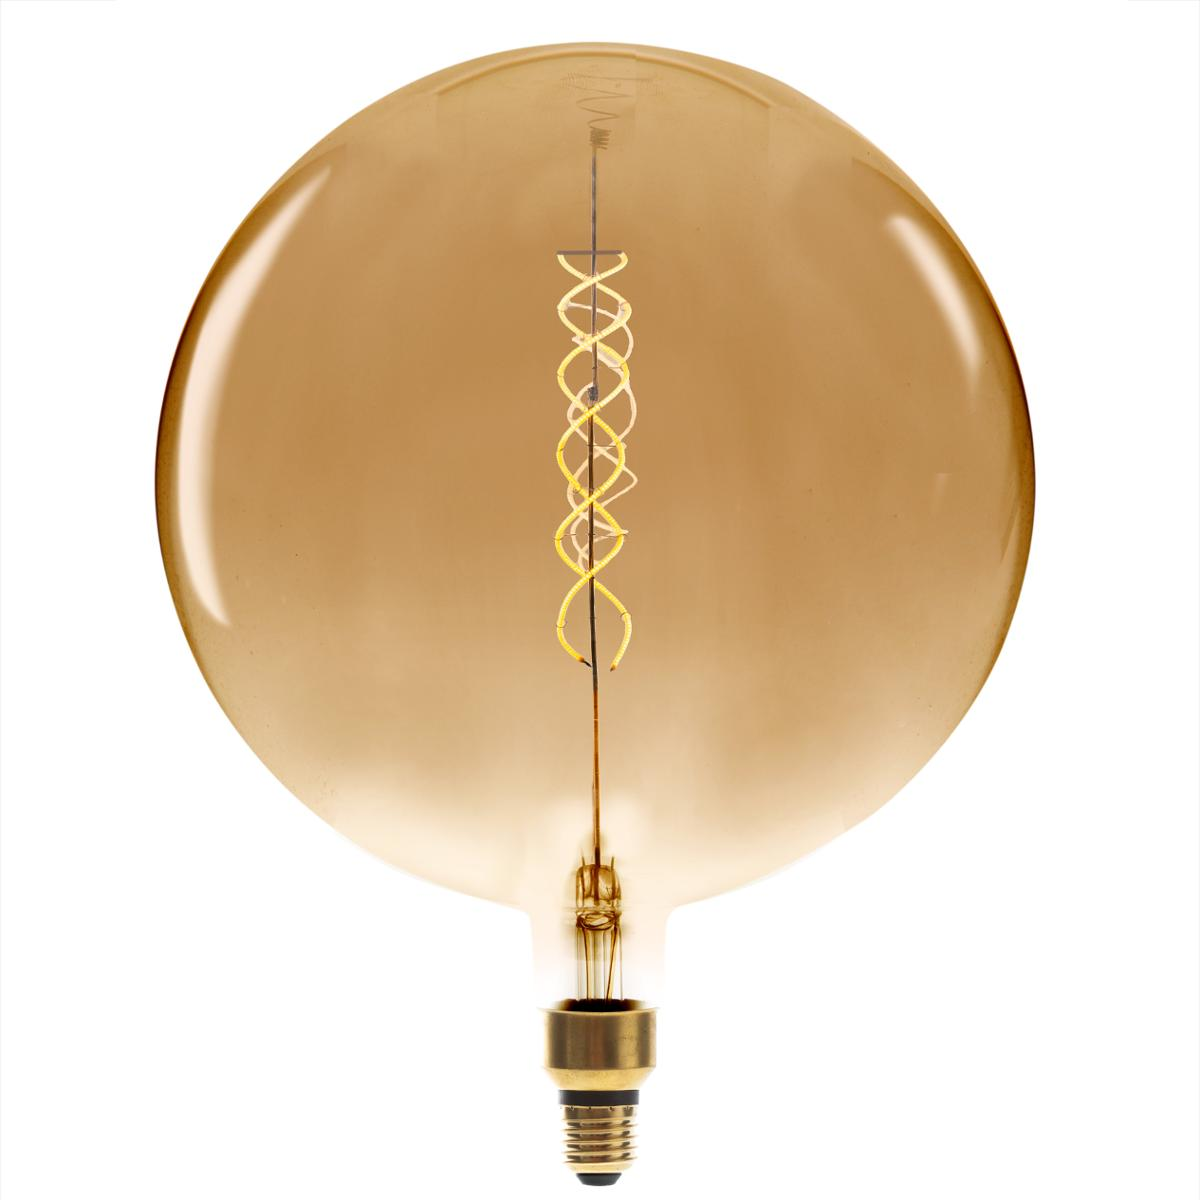 Ampoule LED Torsad Ambrée G300 6W